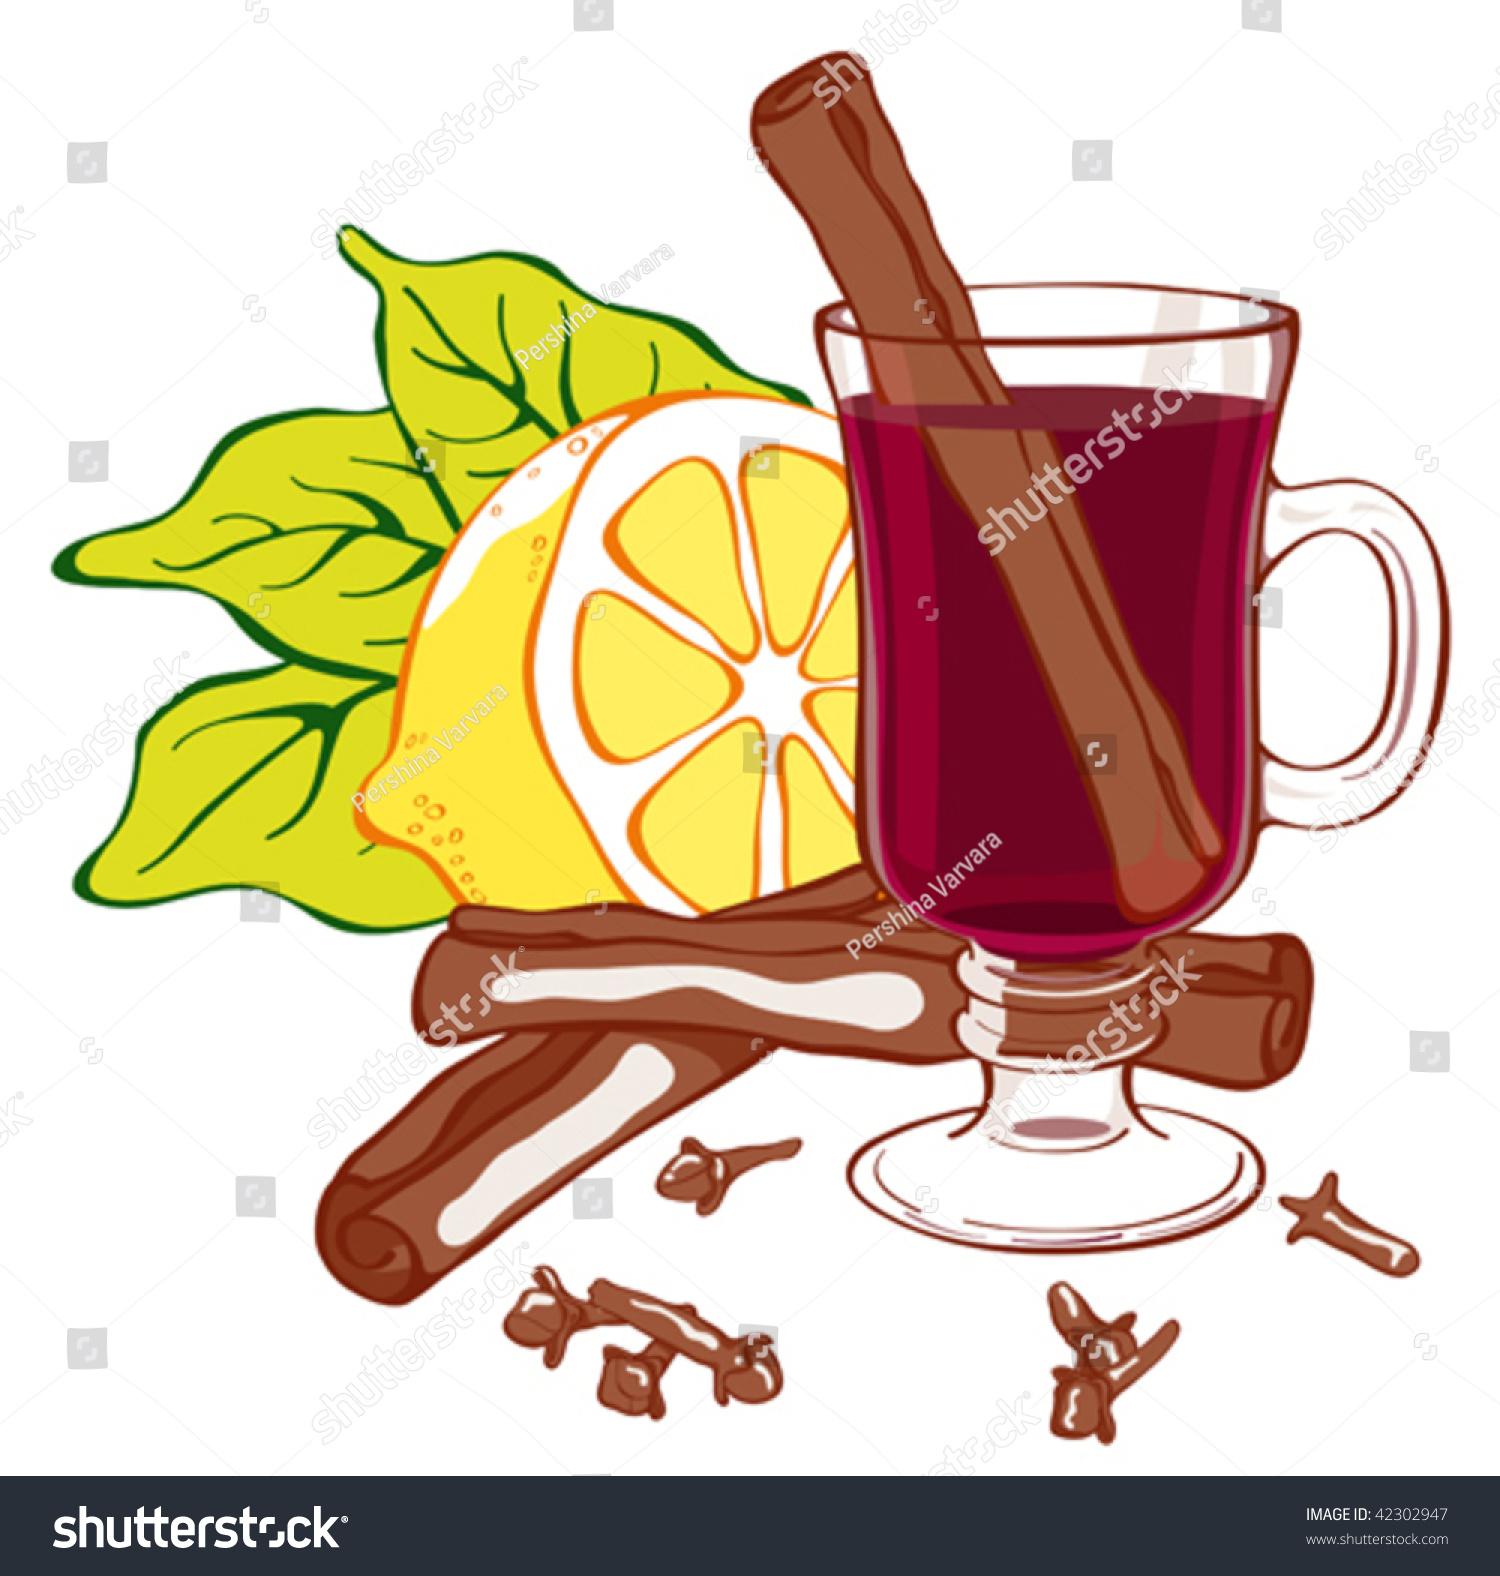 加香料的热葡萄酒说明。容易编辑。玻璃、柠檬、丁香和肉桂都单独分组在不同的层。 - 食品及饮料,插图/剪贴图 - 站酷海洛创意正版图片,视频,音乐素材交易平台 - Shutterstock中国独家合作伙伴 - 站酷旗下品牌